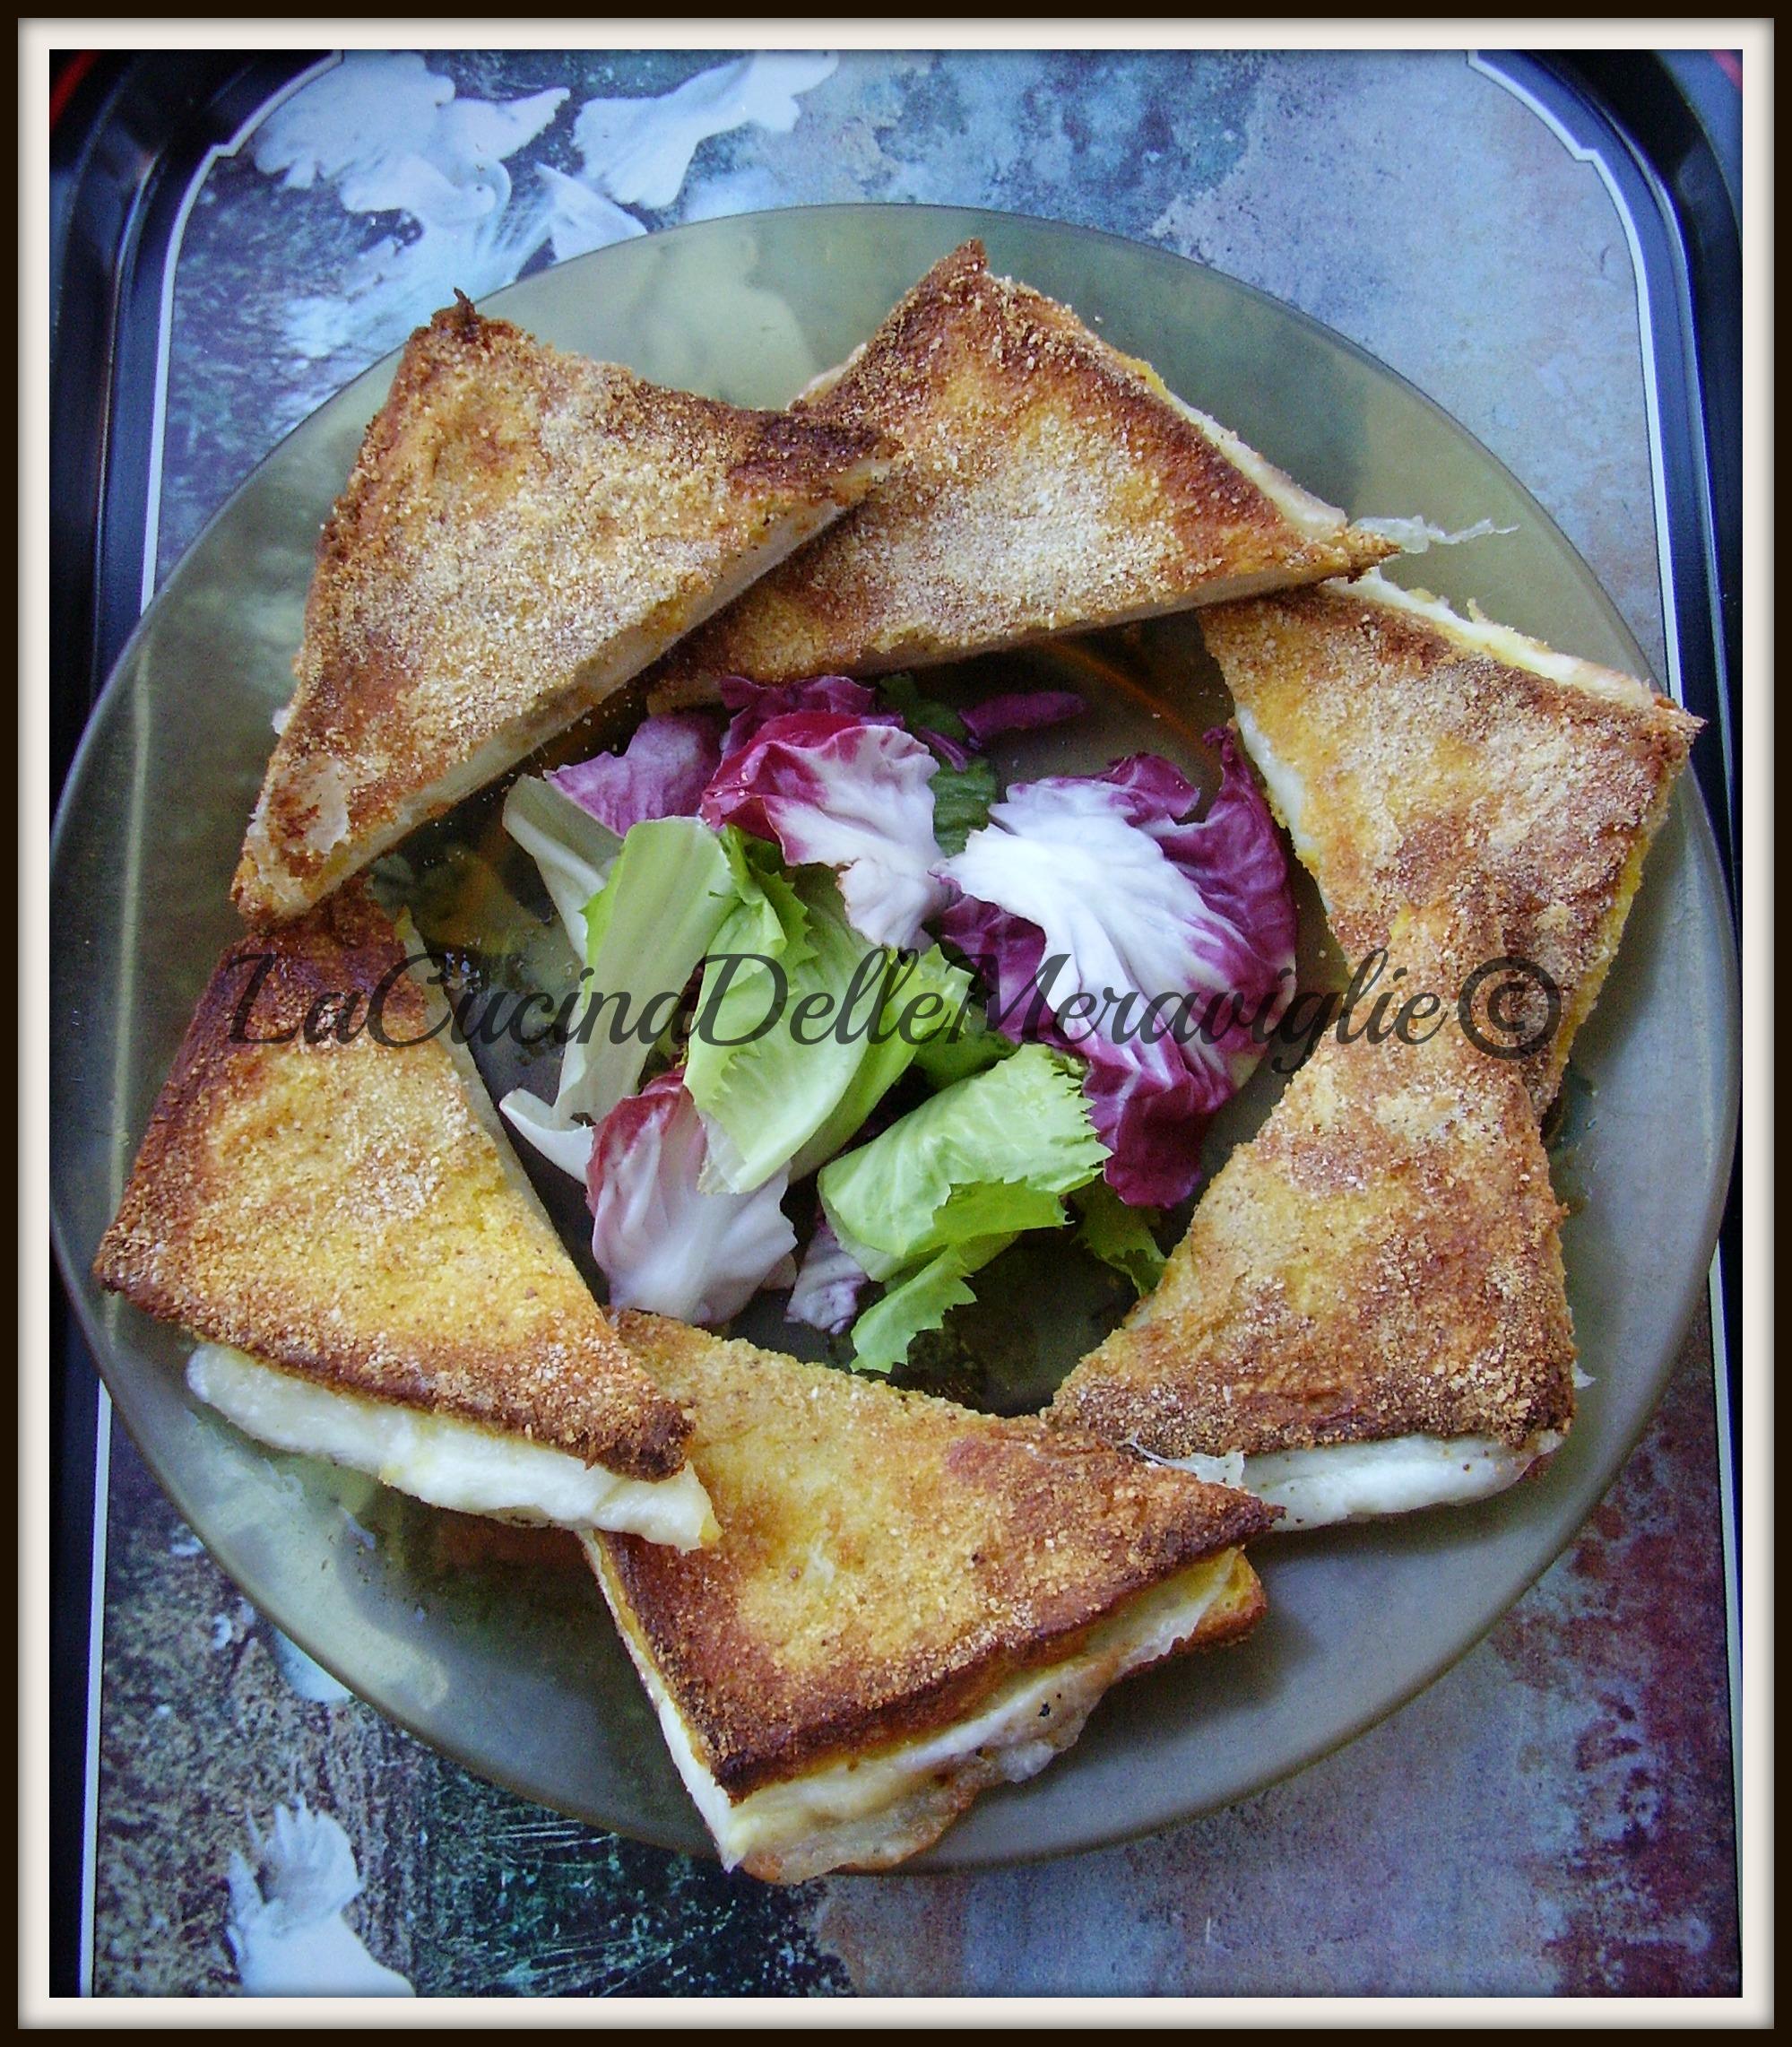 Mozzarella in carrozza light la cucina delle meraviglie for Ricette mozzarella in carrozza al forno